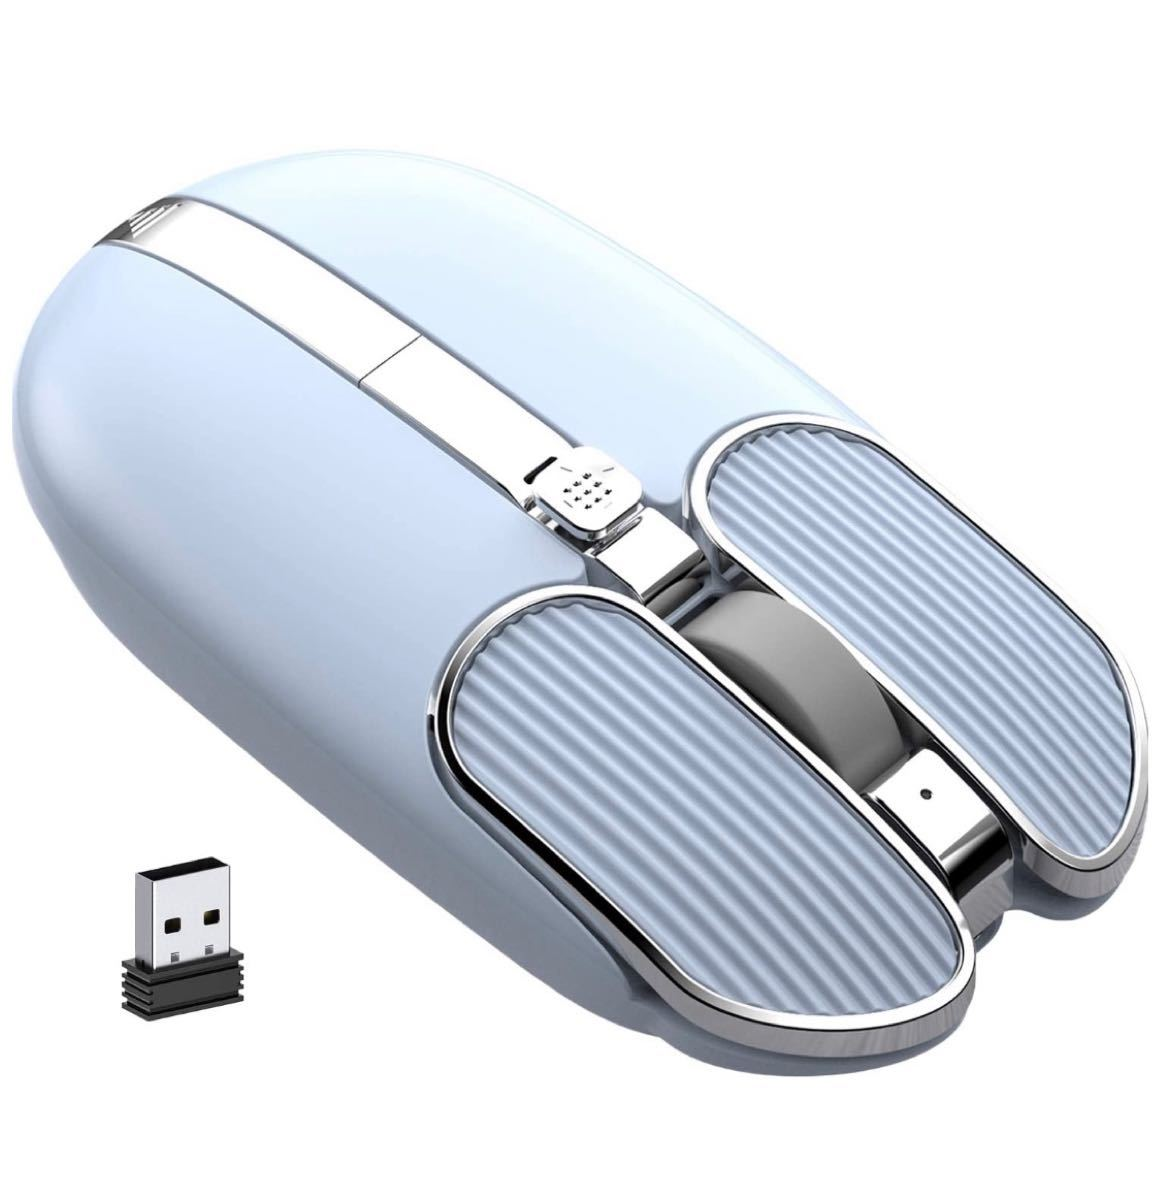 ワイヤレスマウス 無線 充電式 光学式 高精度 小型 ピアノ  ワイヤレスマウス 静音 無線マウス 充電式 薄型